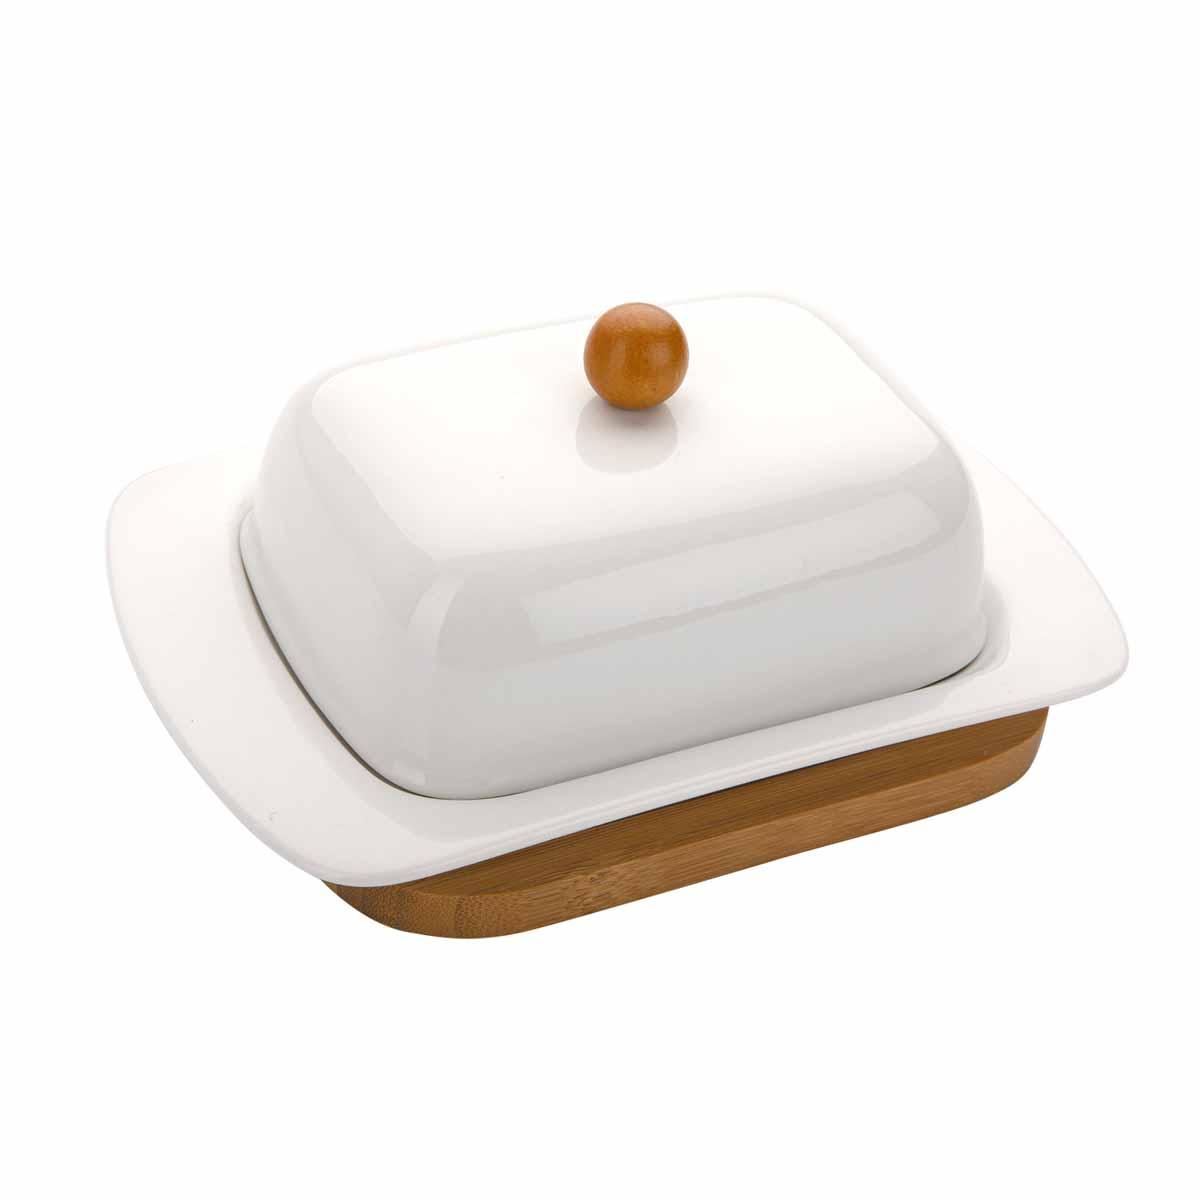 Масленка Dekok, на подставкеPW-2709Масленка Dekok, выполненная из высококачественного фарфора, предназначена для красивой сервировки и хранения масла. Изделие размещено на подставке из бамбука. Благодаря экологичным материалам, масло в такой масленке долго остается свежим, а при хранении в холодильнике не впитывает посторонние запахи. Масленка Dekok станет незаменимой на вашей кухне. Размер масленки (с учетом крышки): 18,5 см х 12 см х 8 см. Размер подставки: 16 см х 12,5 см х 1,1 см.